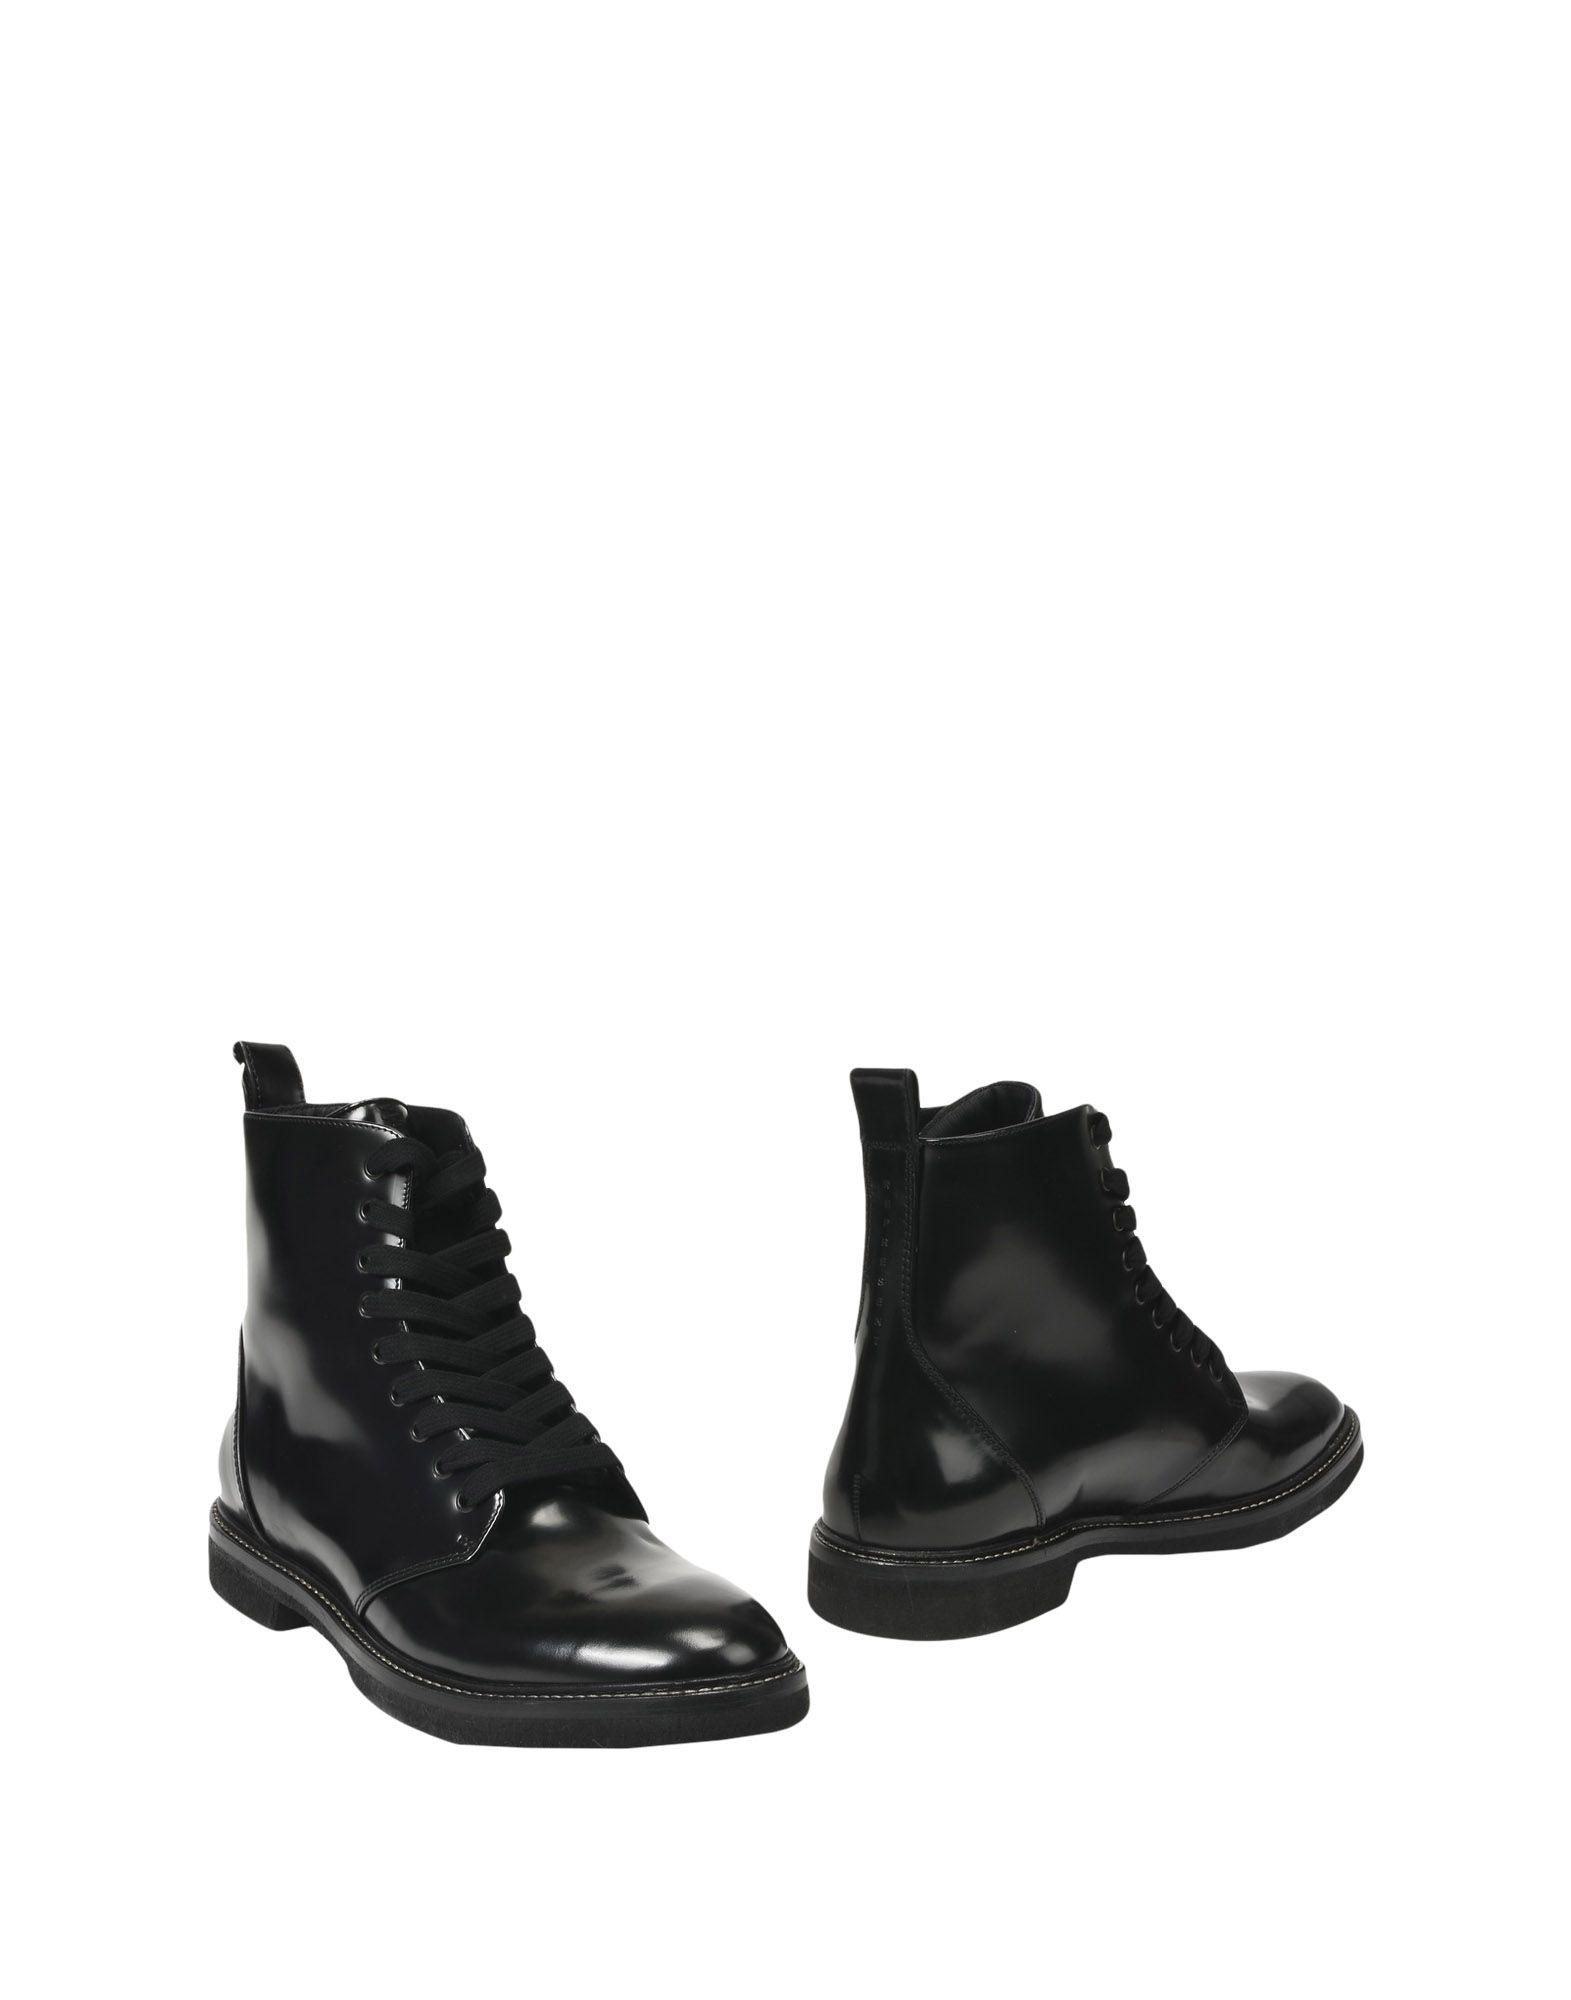 Stivaletti Represent Work Boot - Uomo - 11490509IL